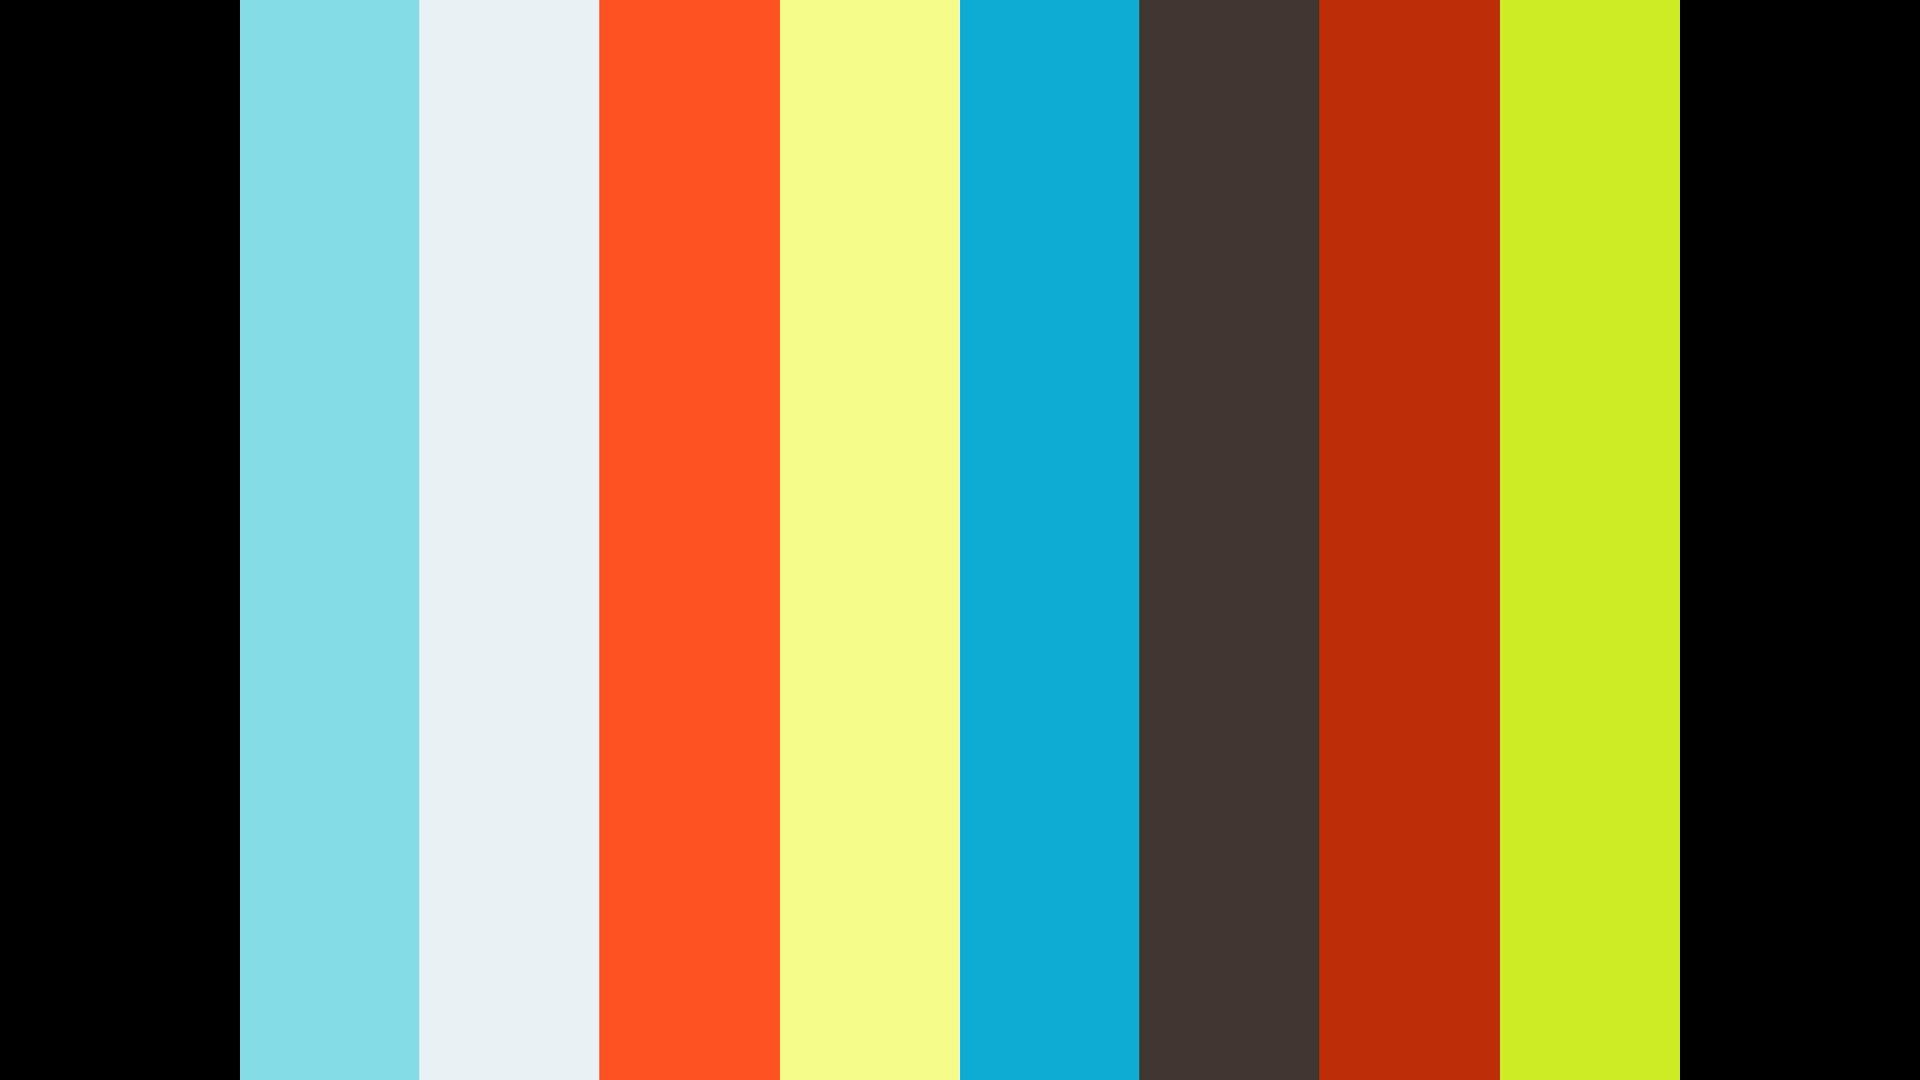 SSAT - teep - Animation